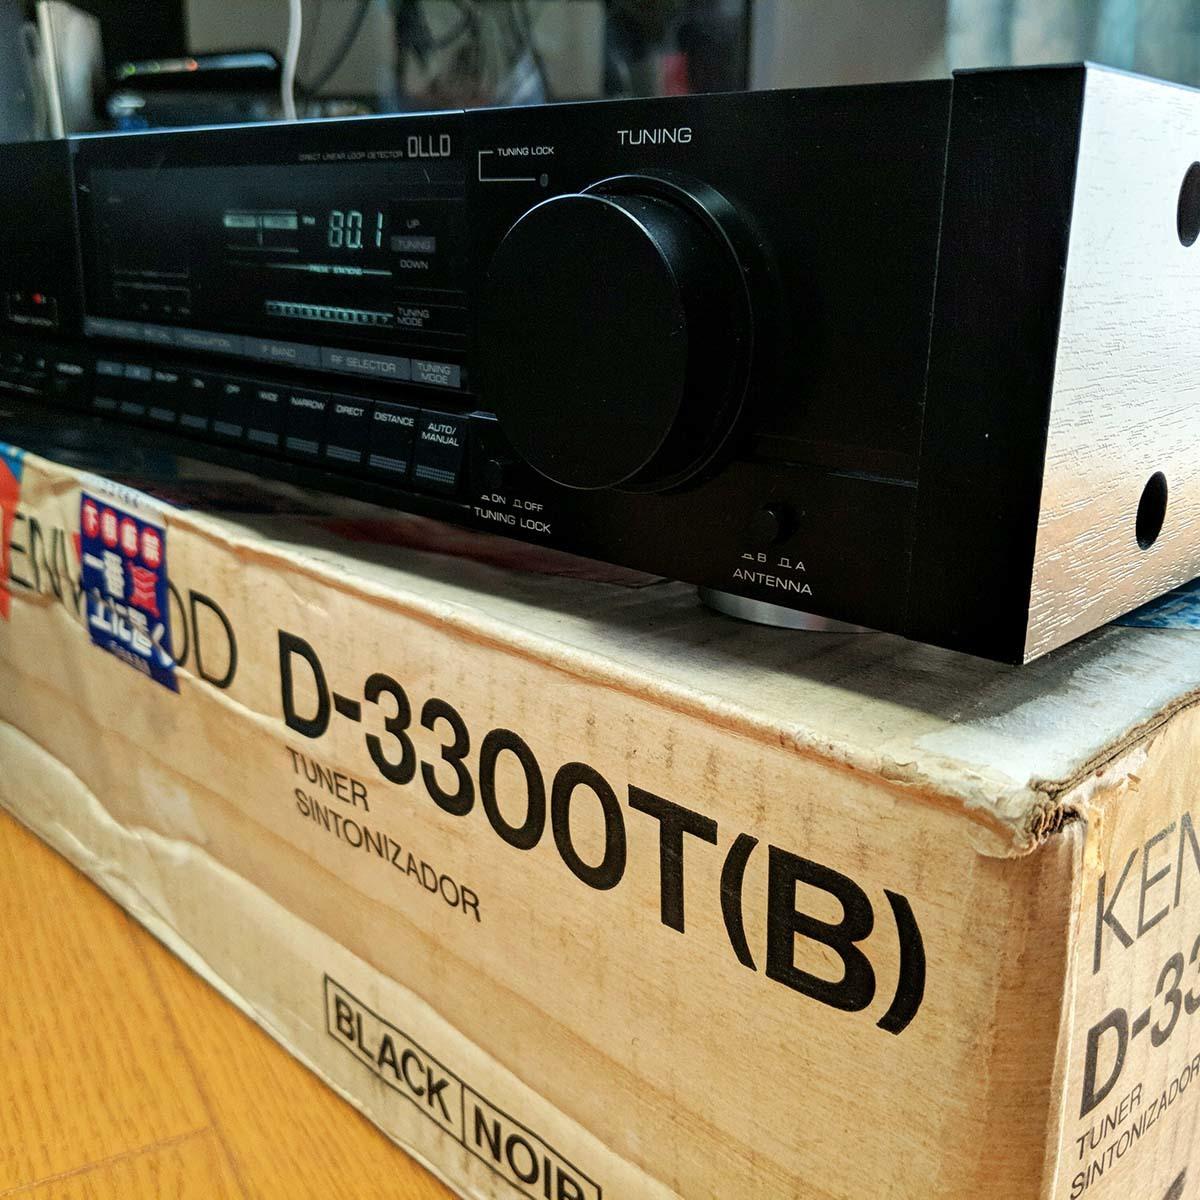 【美品・動作確認済・箱・取説あり】ケンウッド kenwood 高級FMチューナー D-3300T 定価14万円 (sampleエアチェックmp3あり)